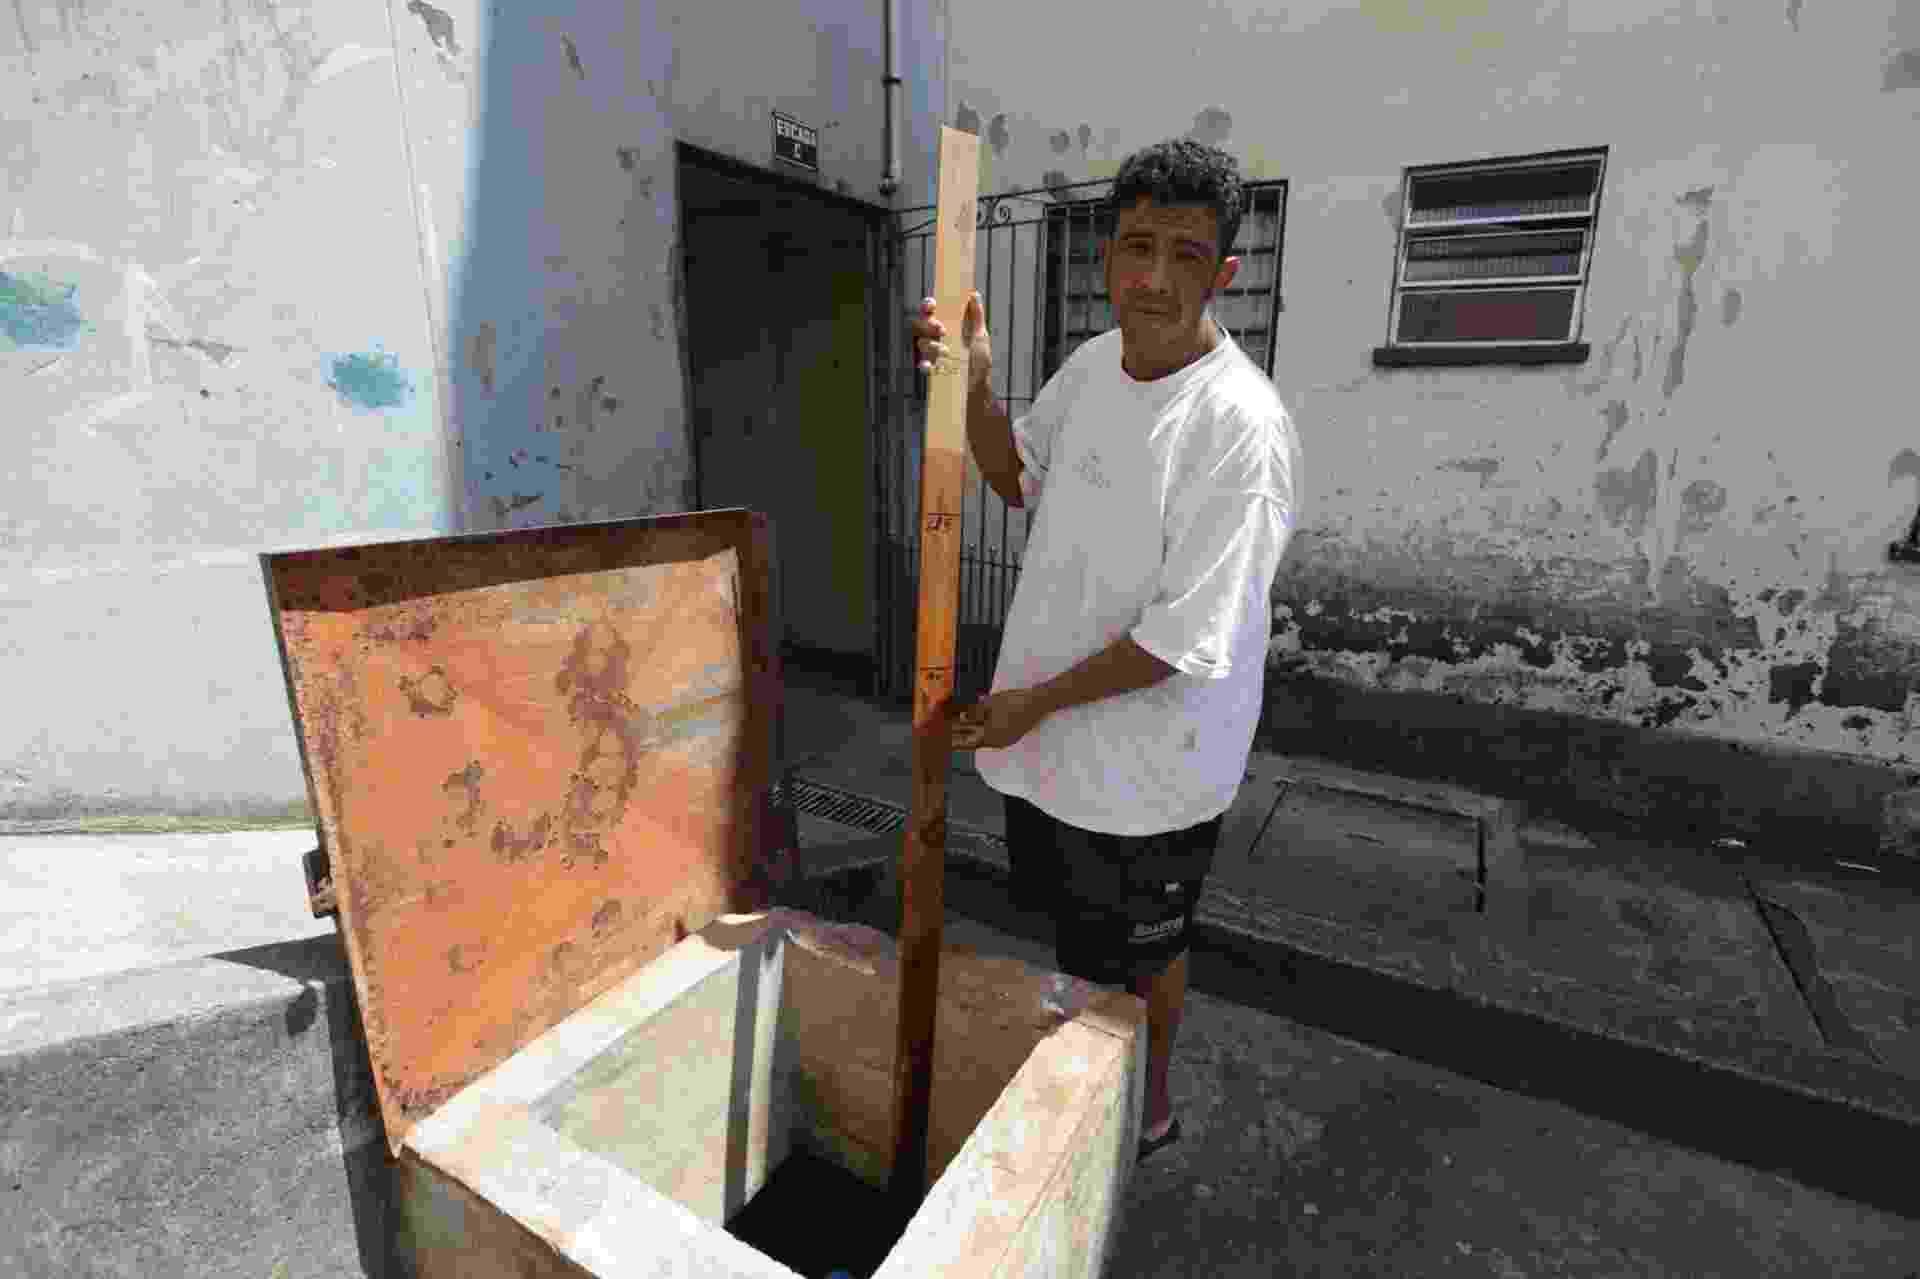 23.fev.2015 - Morador da Cidade Tiradentes, Ubirajara de Souza Rocha controla a água de uma cisterna, que abastece a caixa d´água do prédio onde vive - Nilton Fukuda/Estadão Conteúdo